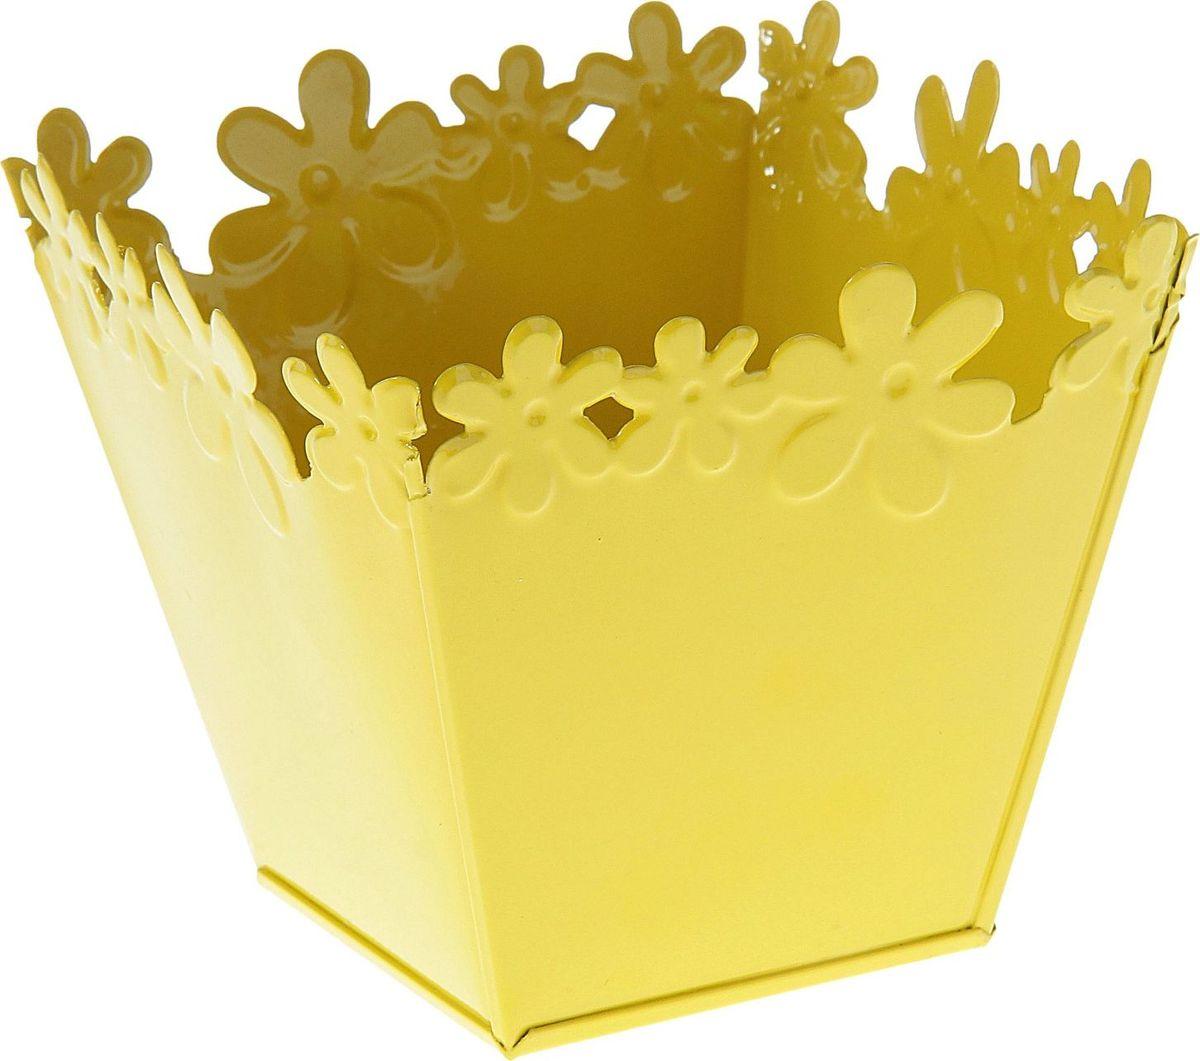 Кашпо Цветочный край. Квадрат, цвет: желтый, 1 л139748Комнатные растения — всеобщие любимцы. Они радуют глаз, насыщают помещение кислородом и украшают пространство. Каждому из растений необходим свой удобный и красивый дом. Металлические декоративные вазы для горшков практичны и долговечны. #name# позаботится о зелёном питомце, освежит интерьер и подчеркнёт его стиль. Особенно выигрышно они смотрятся в экстерьере: на террасах и в беседках. При желании его всегда можно перекрасить в другой цвет.